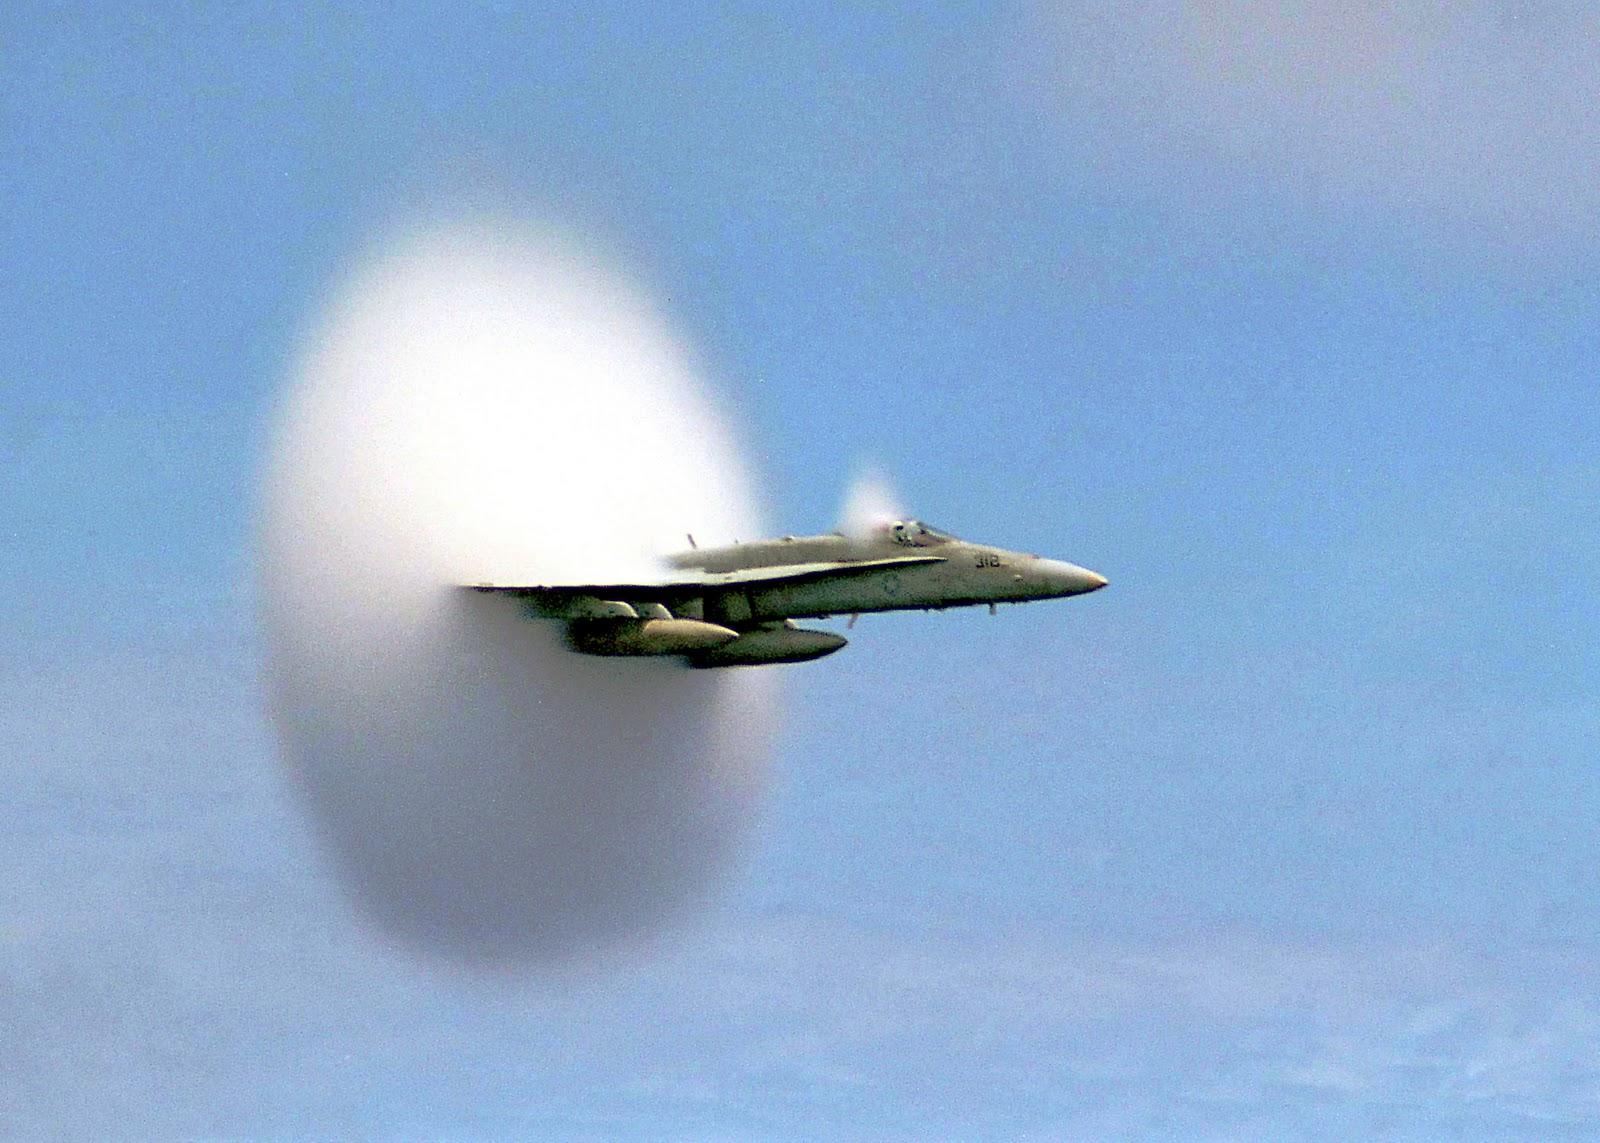 http://4.bp.blogspot.com/_gXJDrQhmG2c/TTaEMEpZ2YI/AAAAAAAAABA/7gOFRXbi-u4/s1600/sonicboomplane_navy_big.jpg